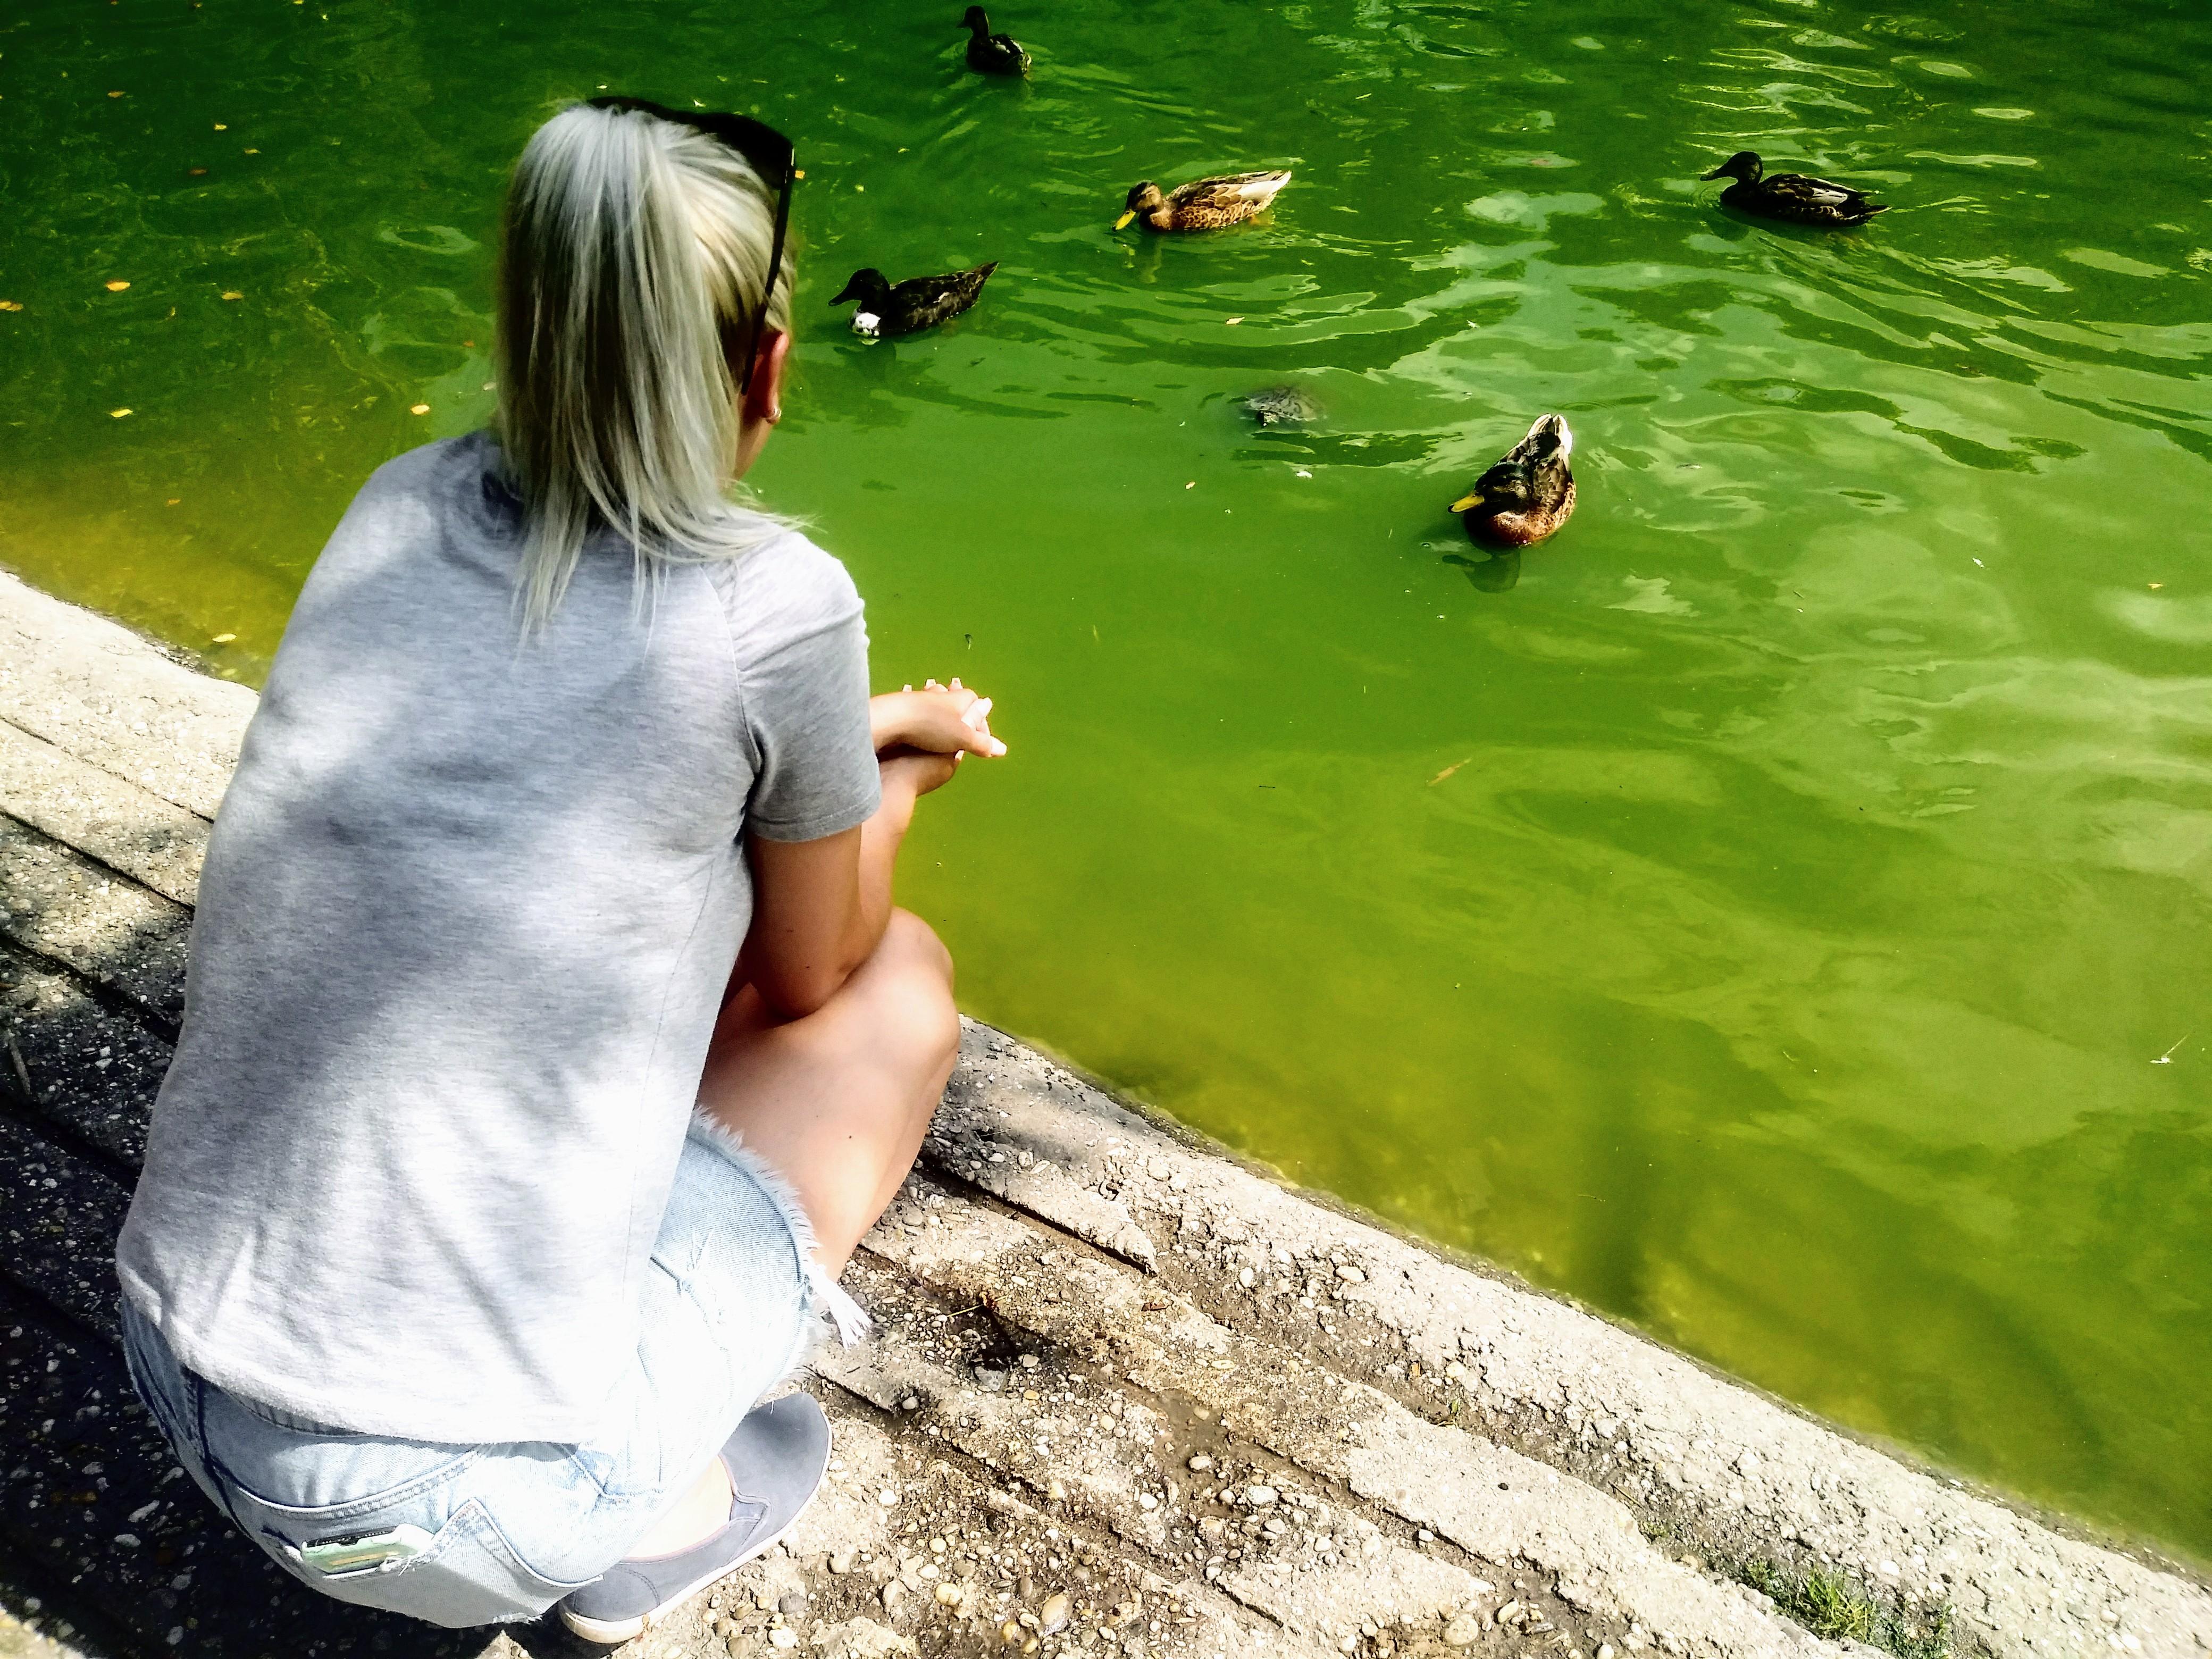 Wer genau schaut, der entdeckt die auftauchende Schildkröte inmitten der Enten